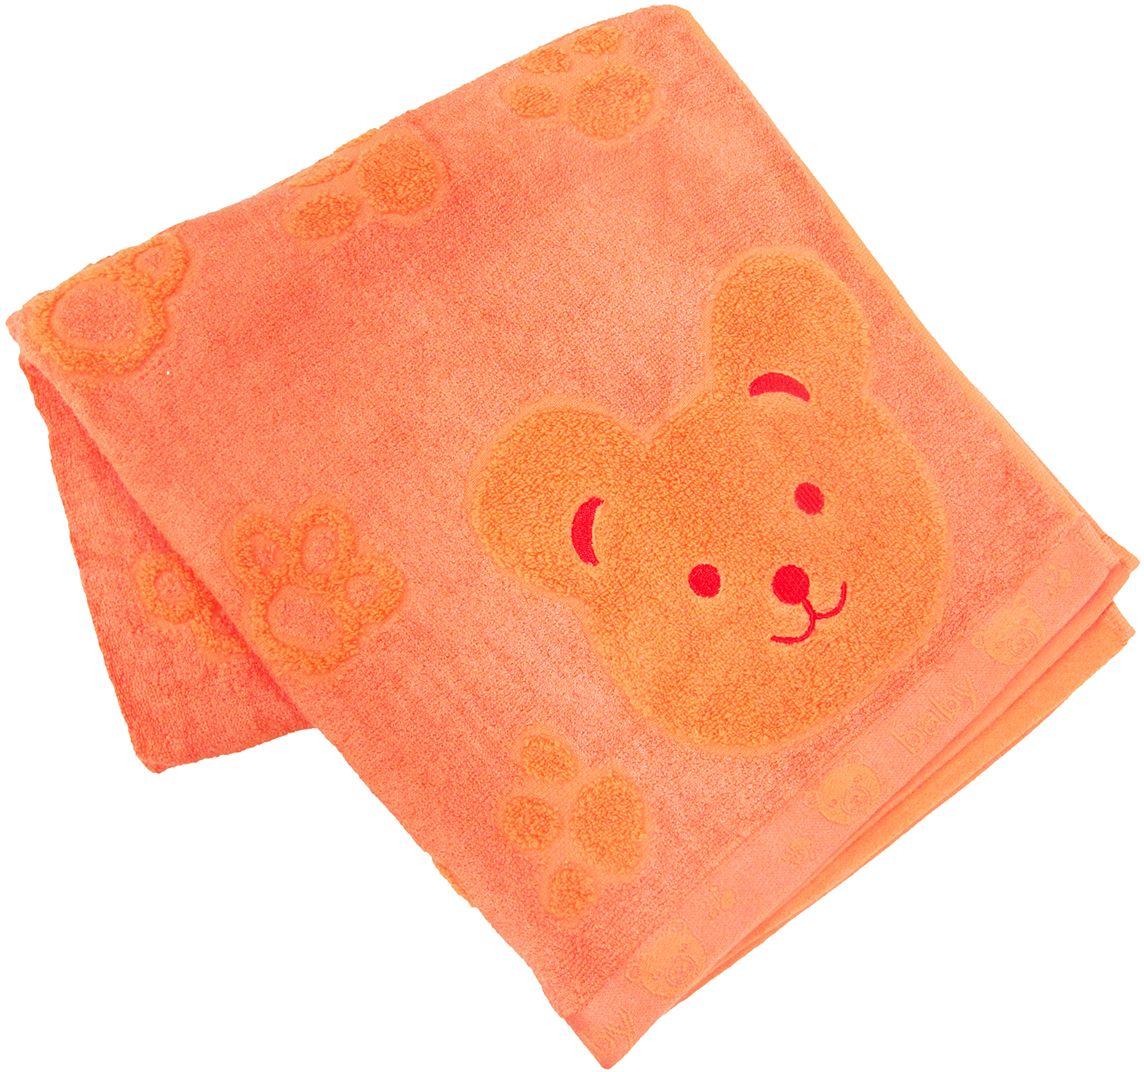 Полотенце махровое Bravo Счастливый медведь, цвет: оранжевый, 60 х 120 см68/5/4Полотенце Счастливый медведь выполнено из натуральной махровой ткани (хлопок, бамбук). Изделие отлично впитывает влагу, быстро сохнет, сохраняет яркость цвета и не теряет форму даже после многократных стирок. Полотенце очень практично и неприхотливо в уходе. Оно создаст прекрасное настроение и украсит интерьер в ванной комнате.